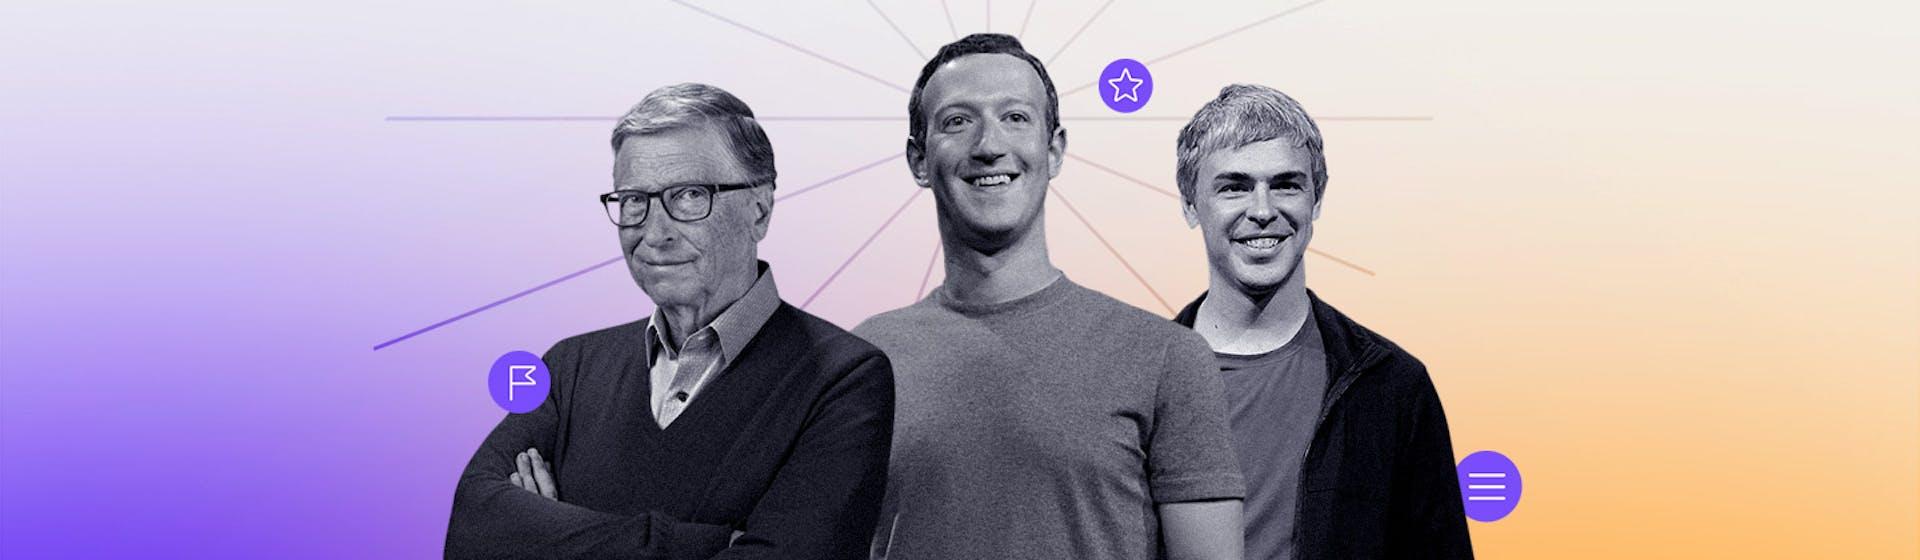 ¿Qué estudiaron los CEOs más famosos del mundo? Secretos al descubierto